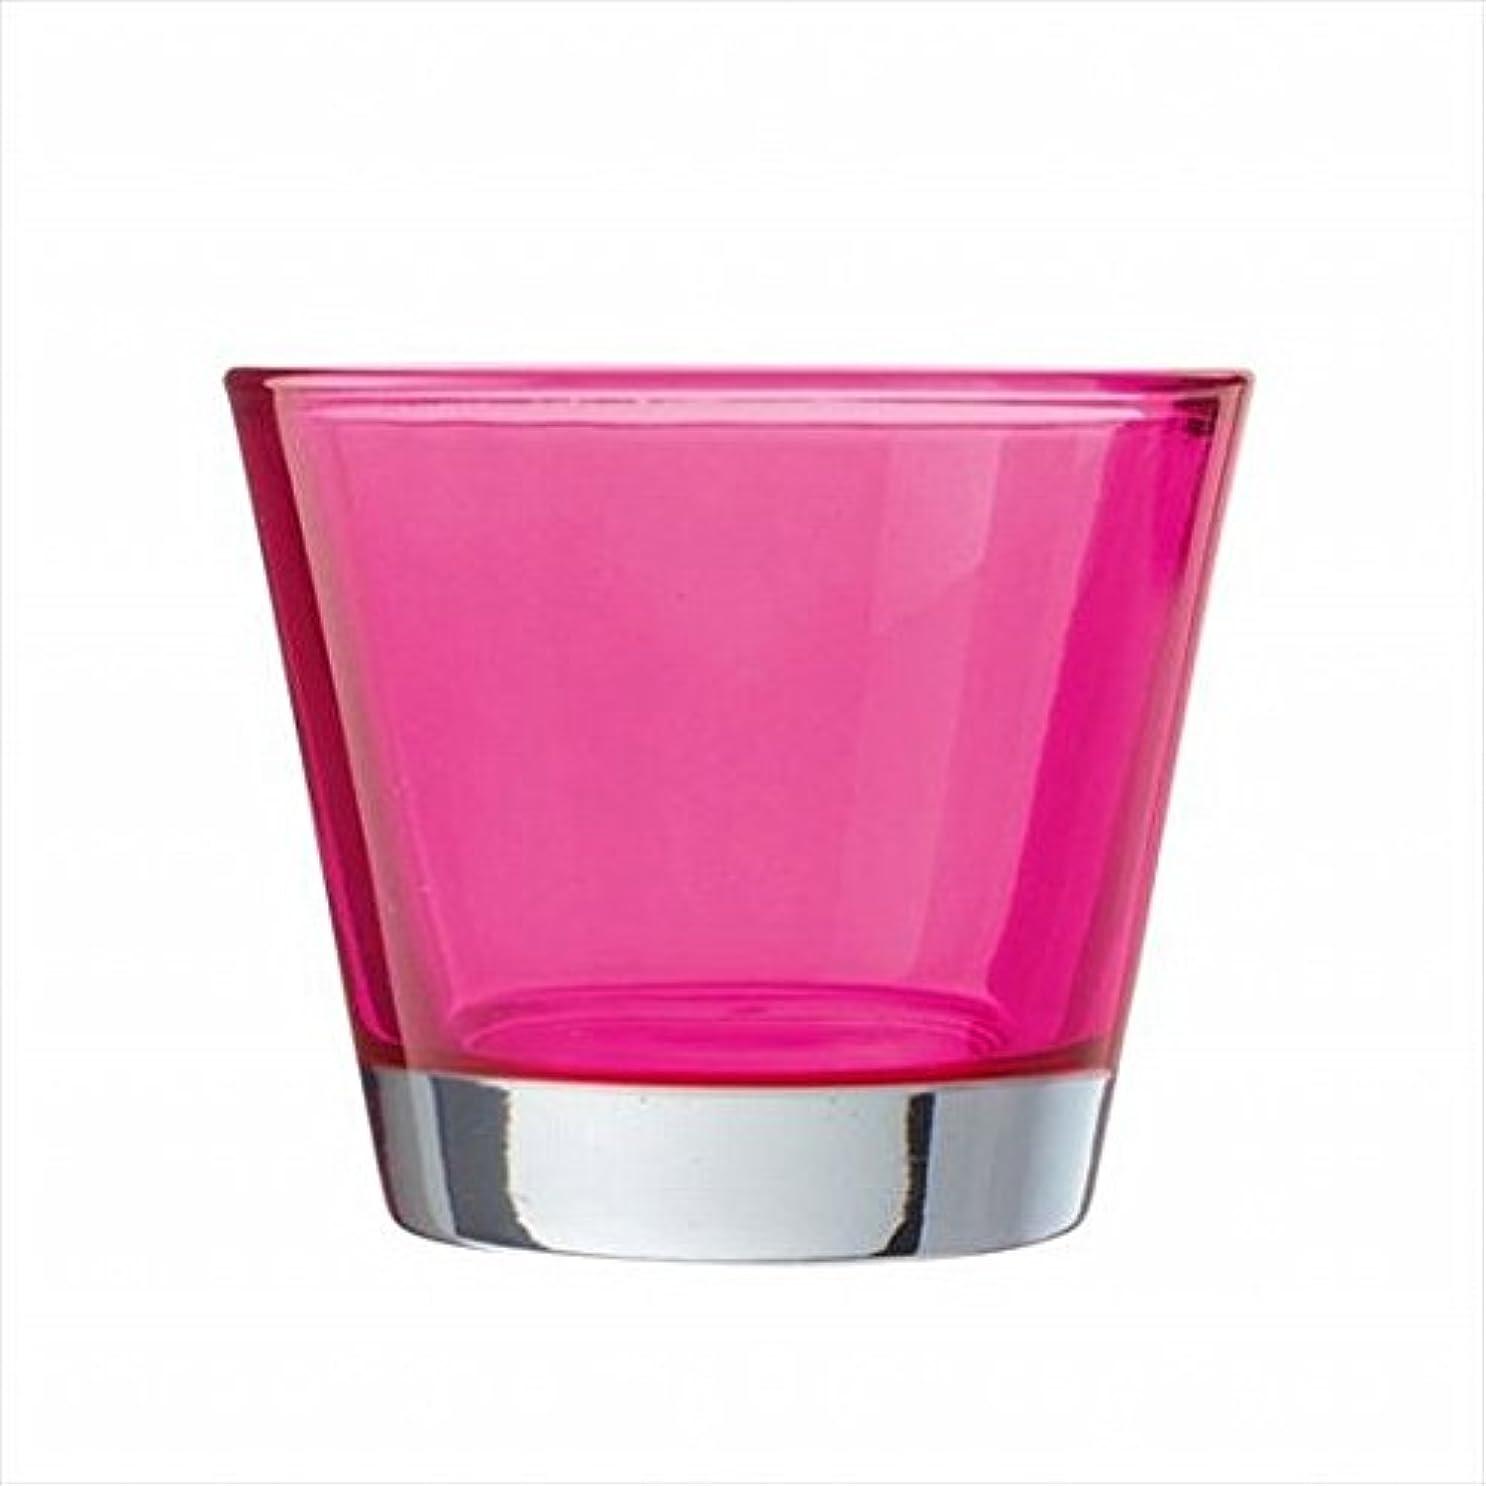 暗記するポータル浅いkameyama candle(カメヤマキャンドル) カラリス 「 ピンク 」 キャンドル 82x82x70mm (J2540000PK)